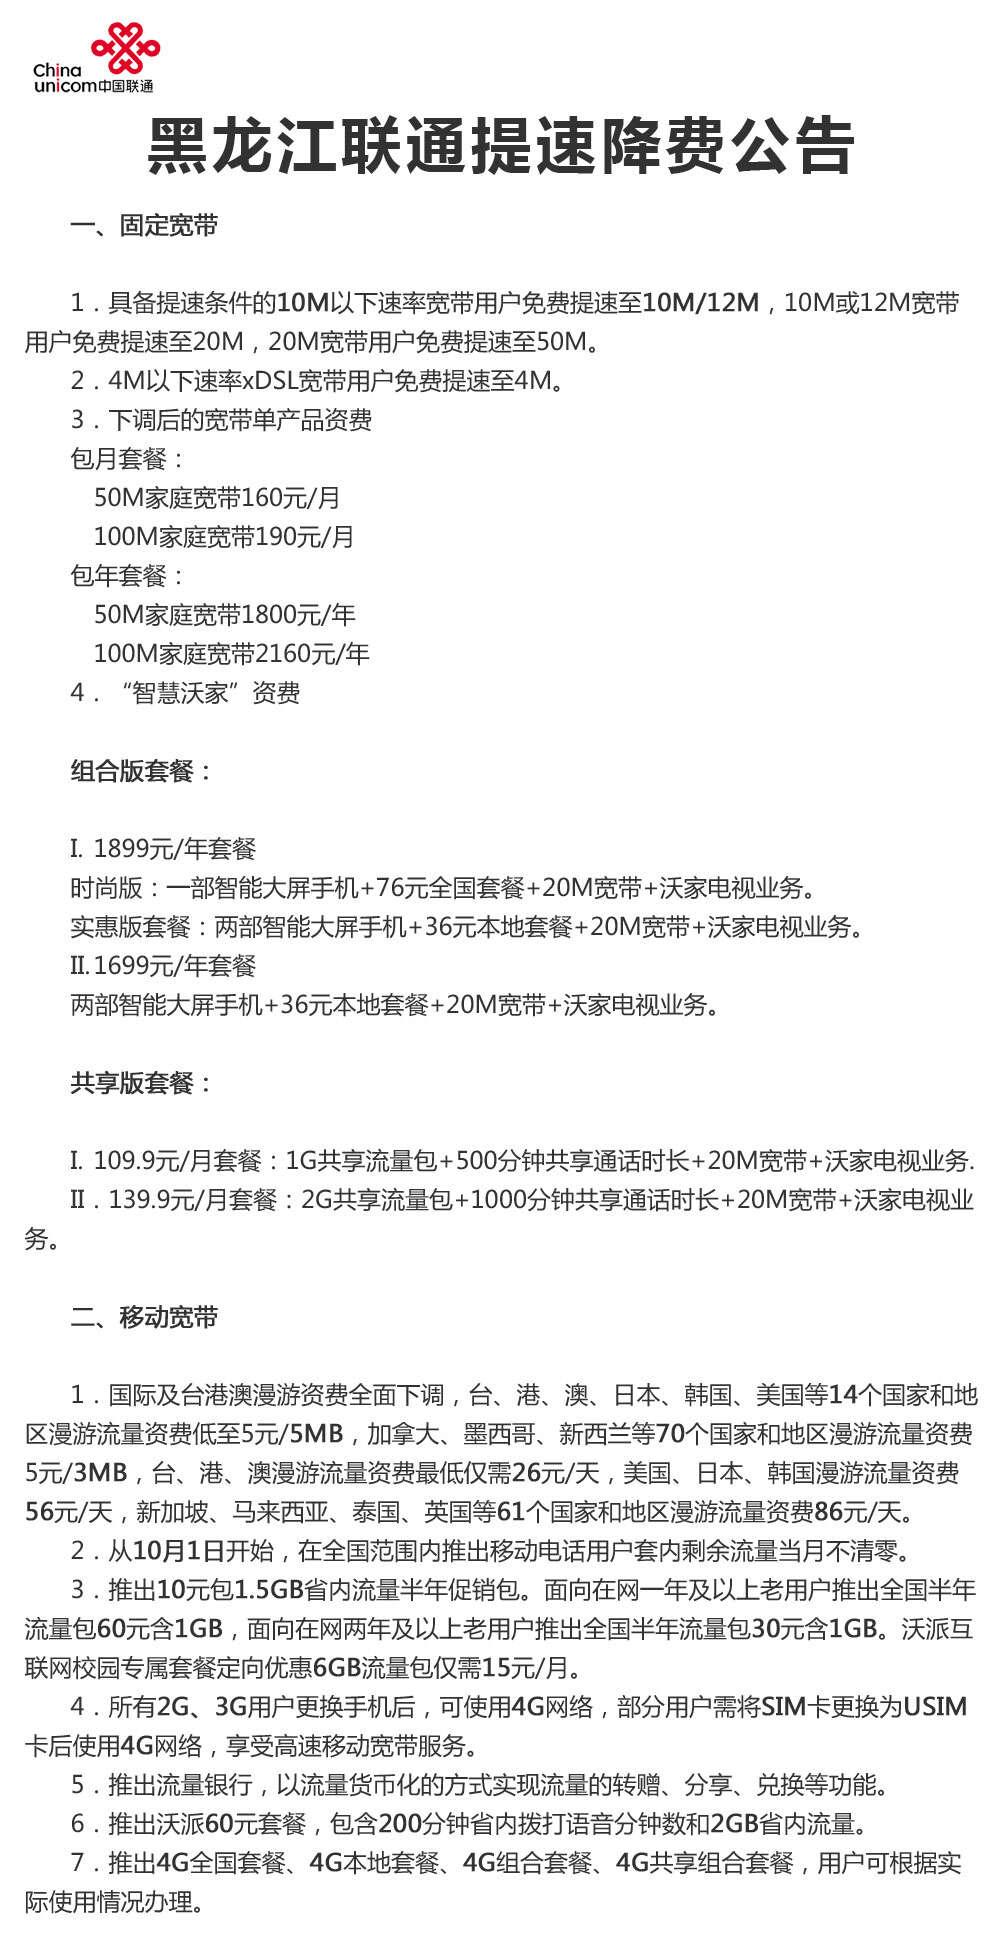 黑龙江联通提速降费公告